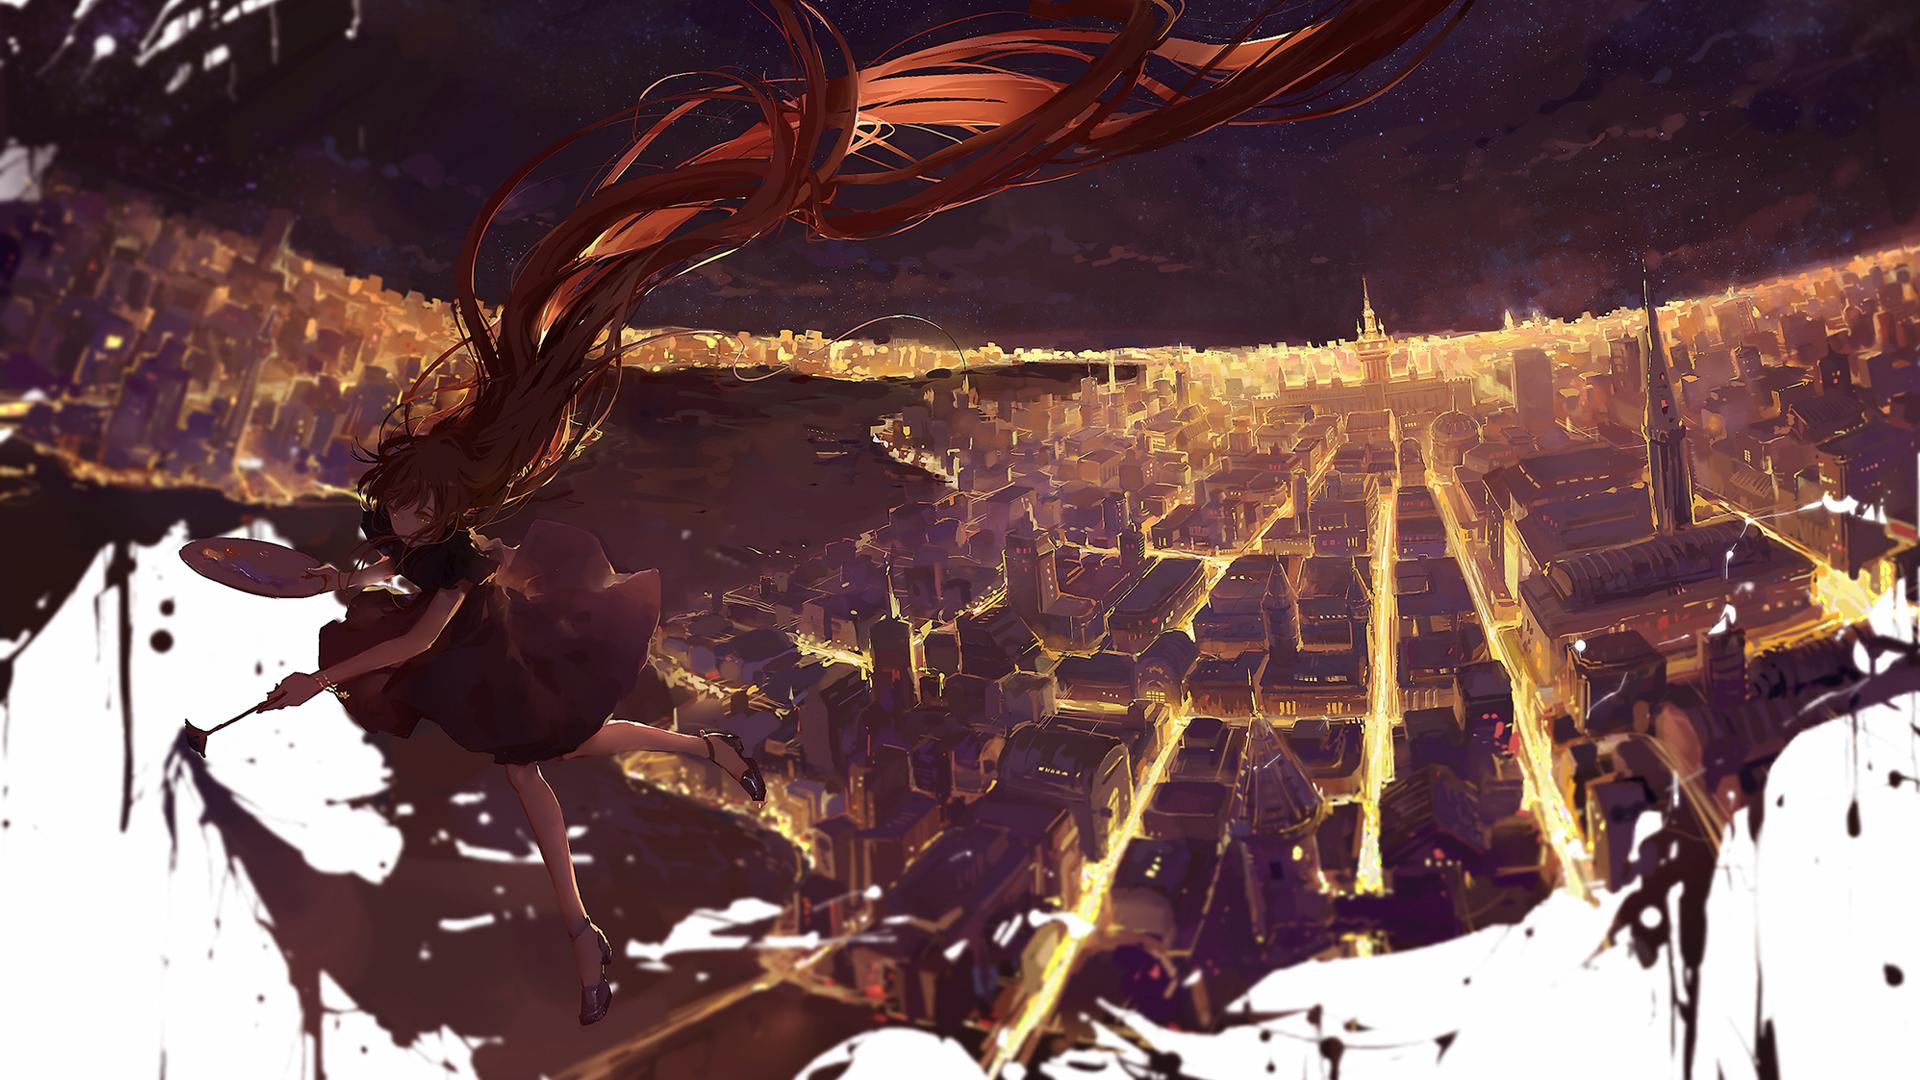 Anime - Original  Stars Painting Orange Hair Light Cityscape Dress Night Long Hair Girl Wallpaper